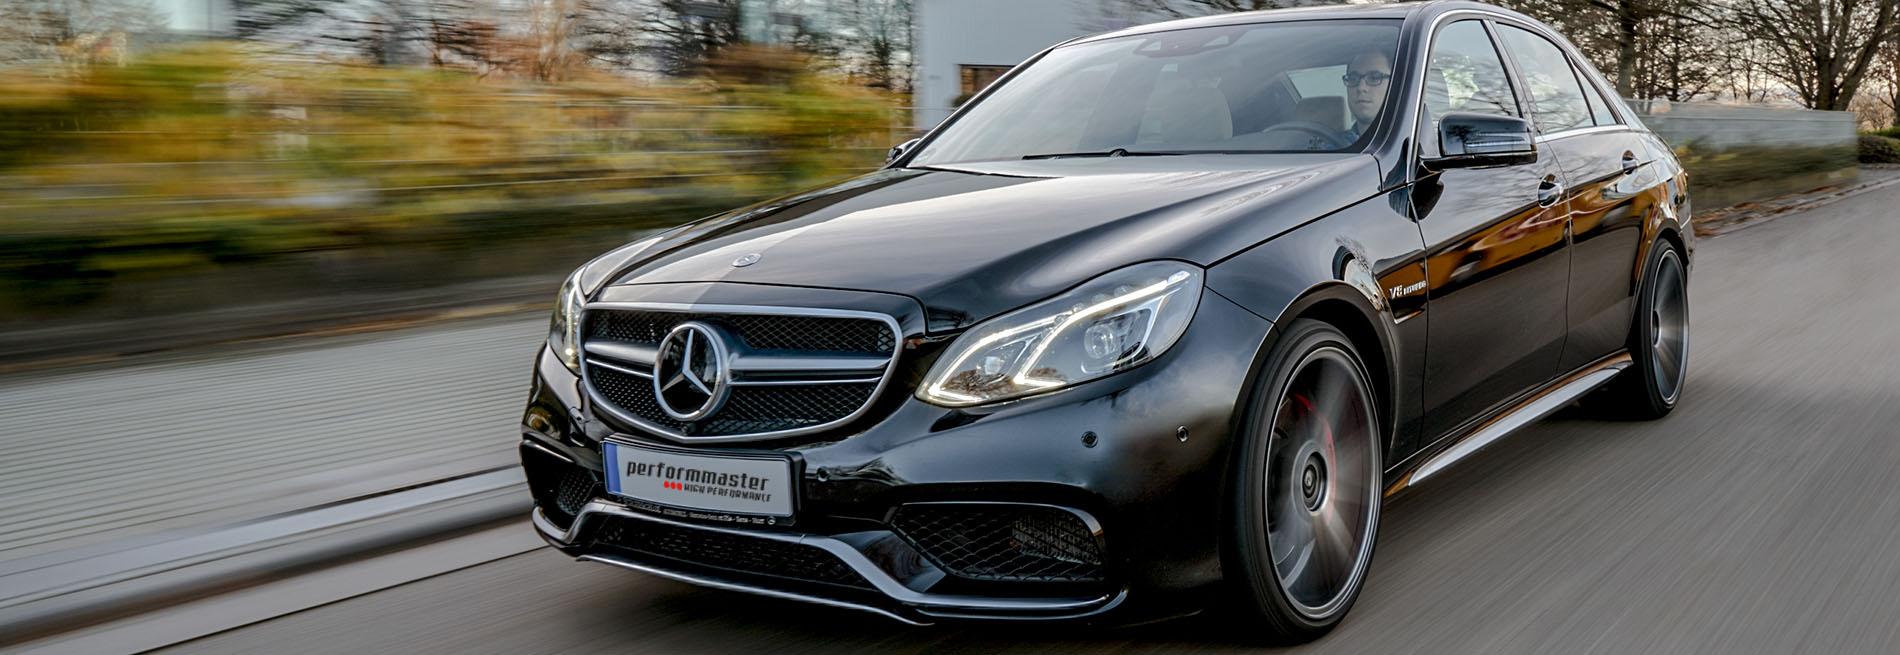 Tuning für Mercedes E63 AMG W212